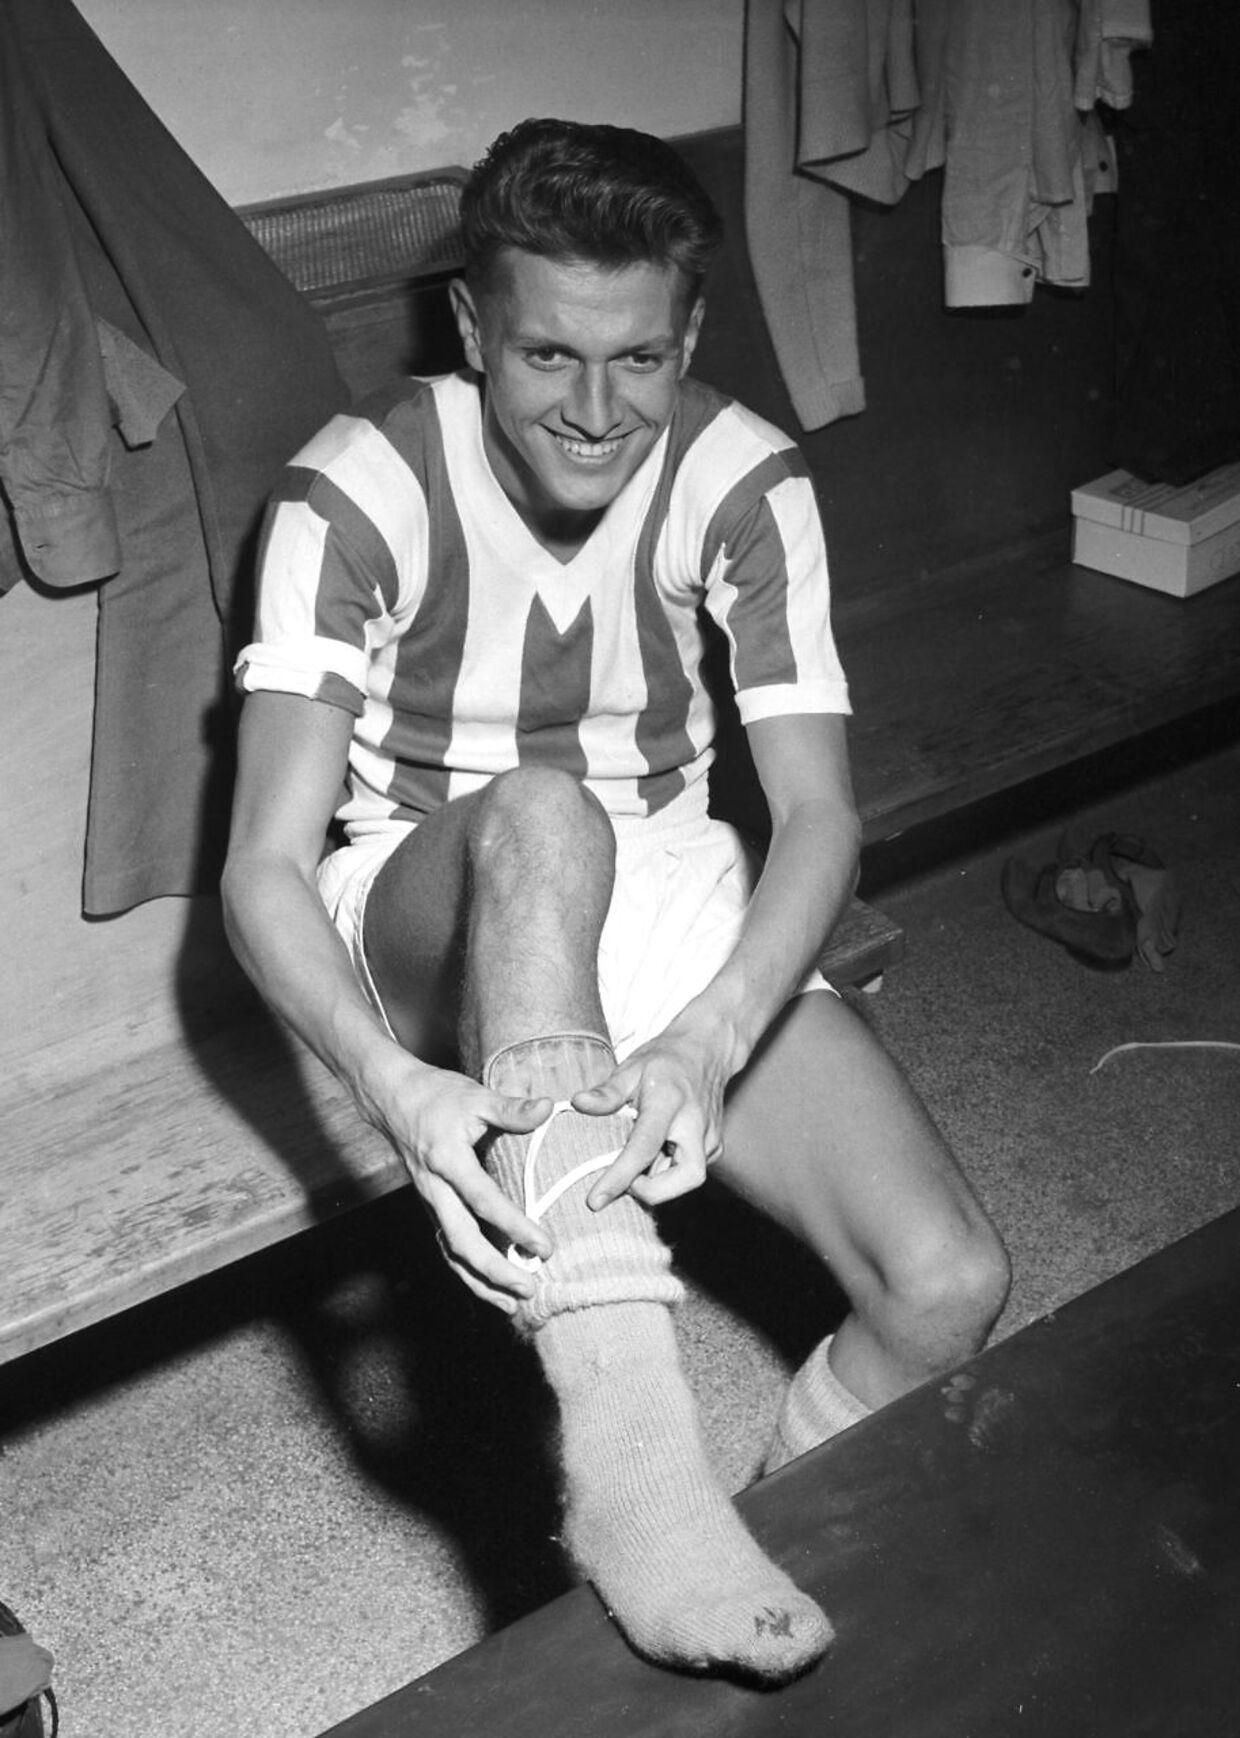 (ARKIV) Flemming Nielsen, fodbold, AB., den 9. august 1958. Flemming Nielsen, der var med til at vinde OL-sølv i 1960, er død efter kort tids sygdom, oplyser hans søn. Det skriver Ritzau, fredag den 16. november 2018.. (Foto: Olaf Ibsen/Ritzau Scanpix)